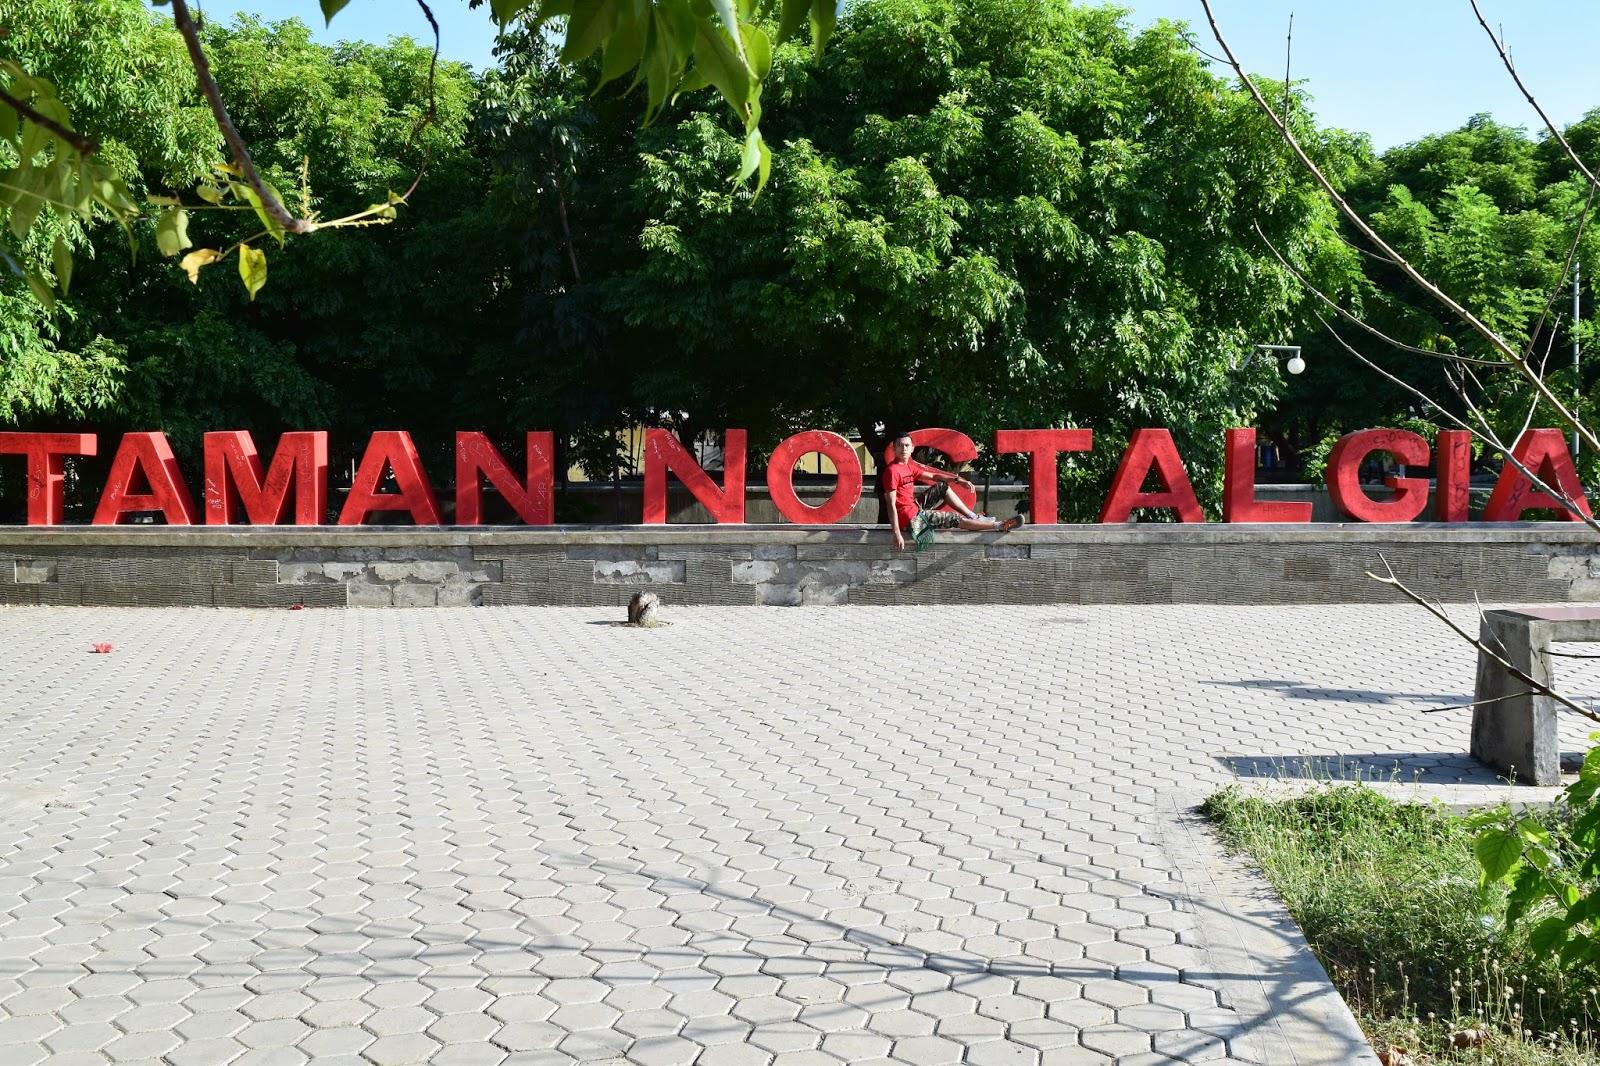 Arianto Ntt Taman Nostalgia Kota Kupang Pantai Tedis Kab